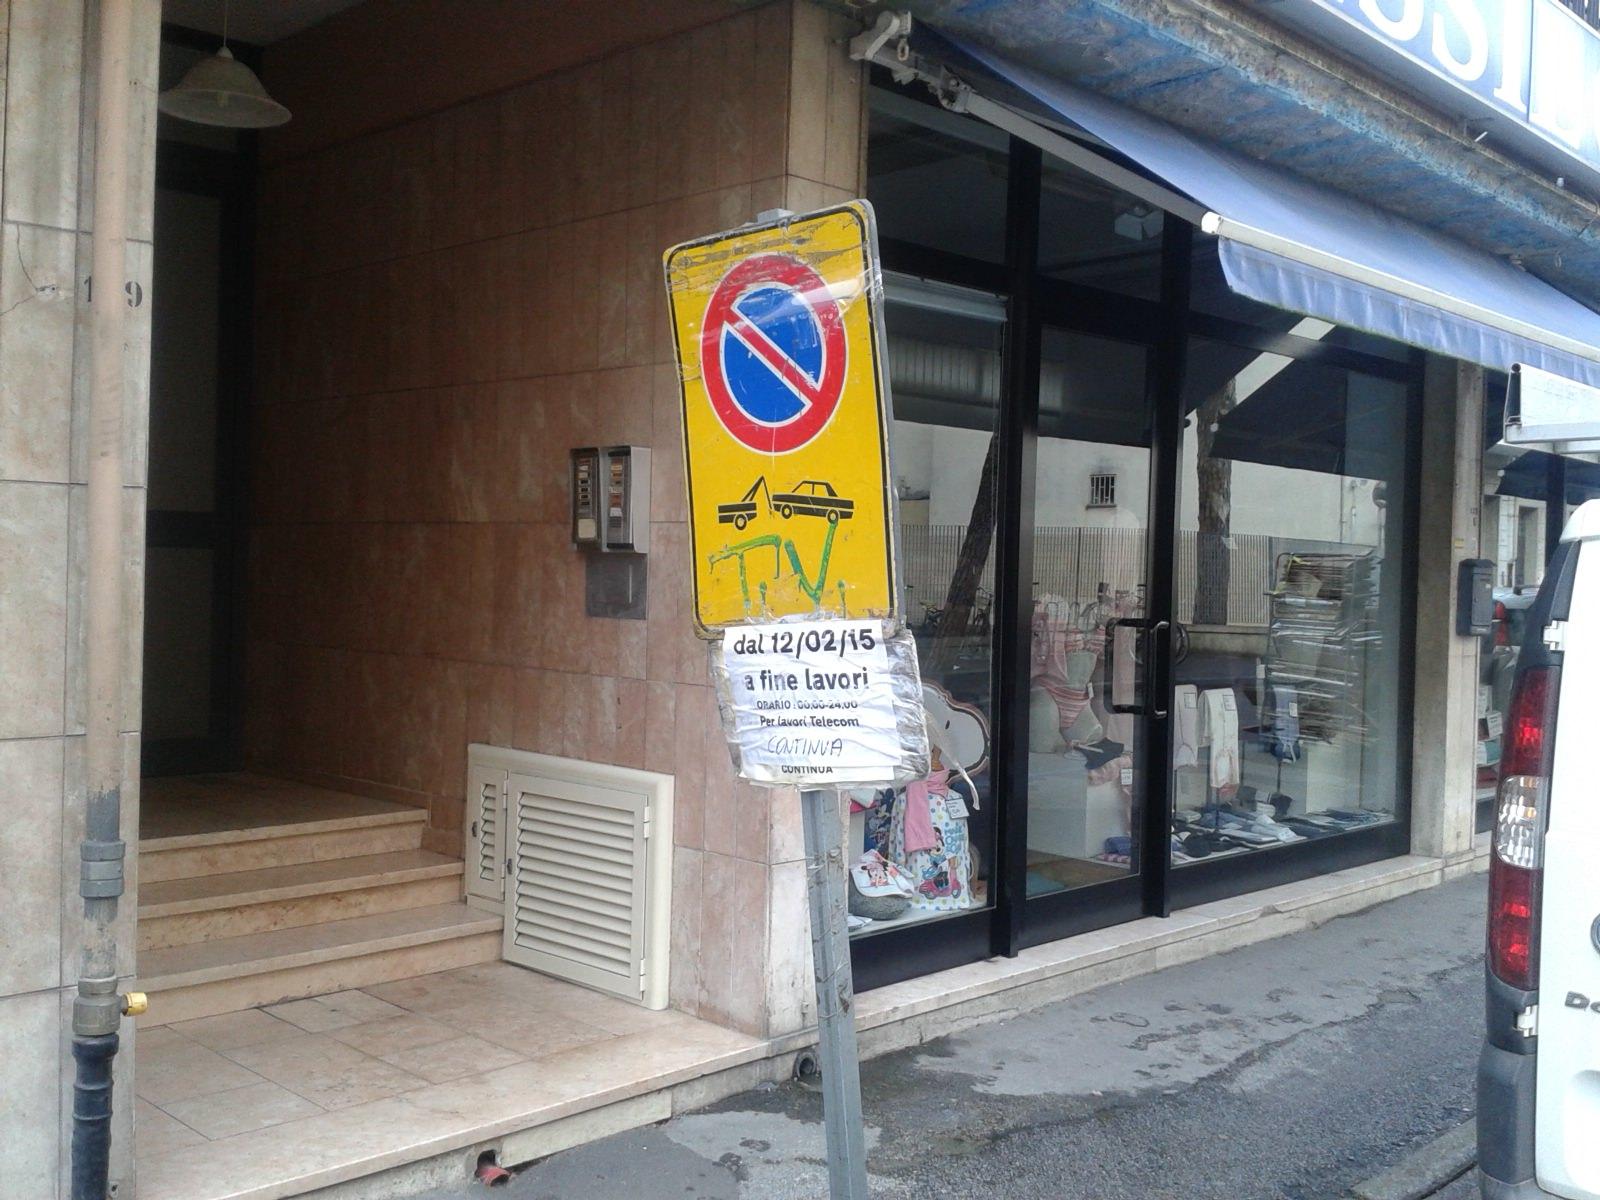 C'è il divieto di sosta ma i lavori non sono ancora iniziati, proteste in via Puccini